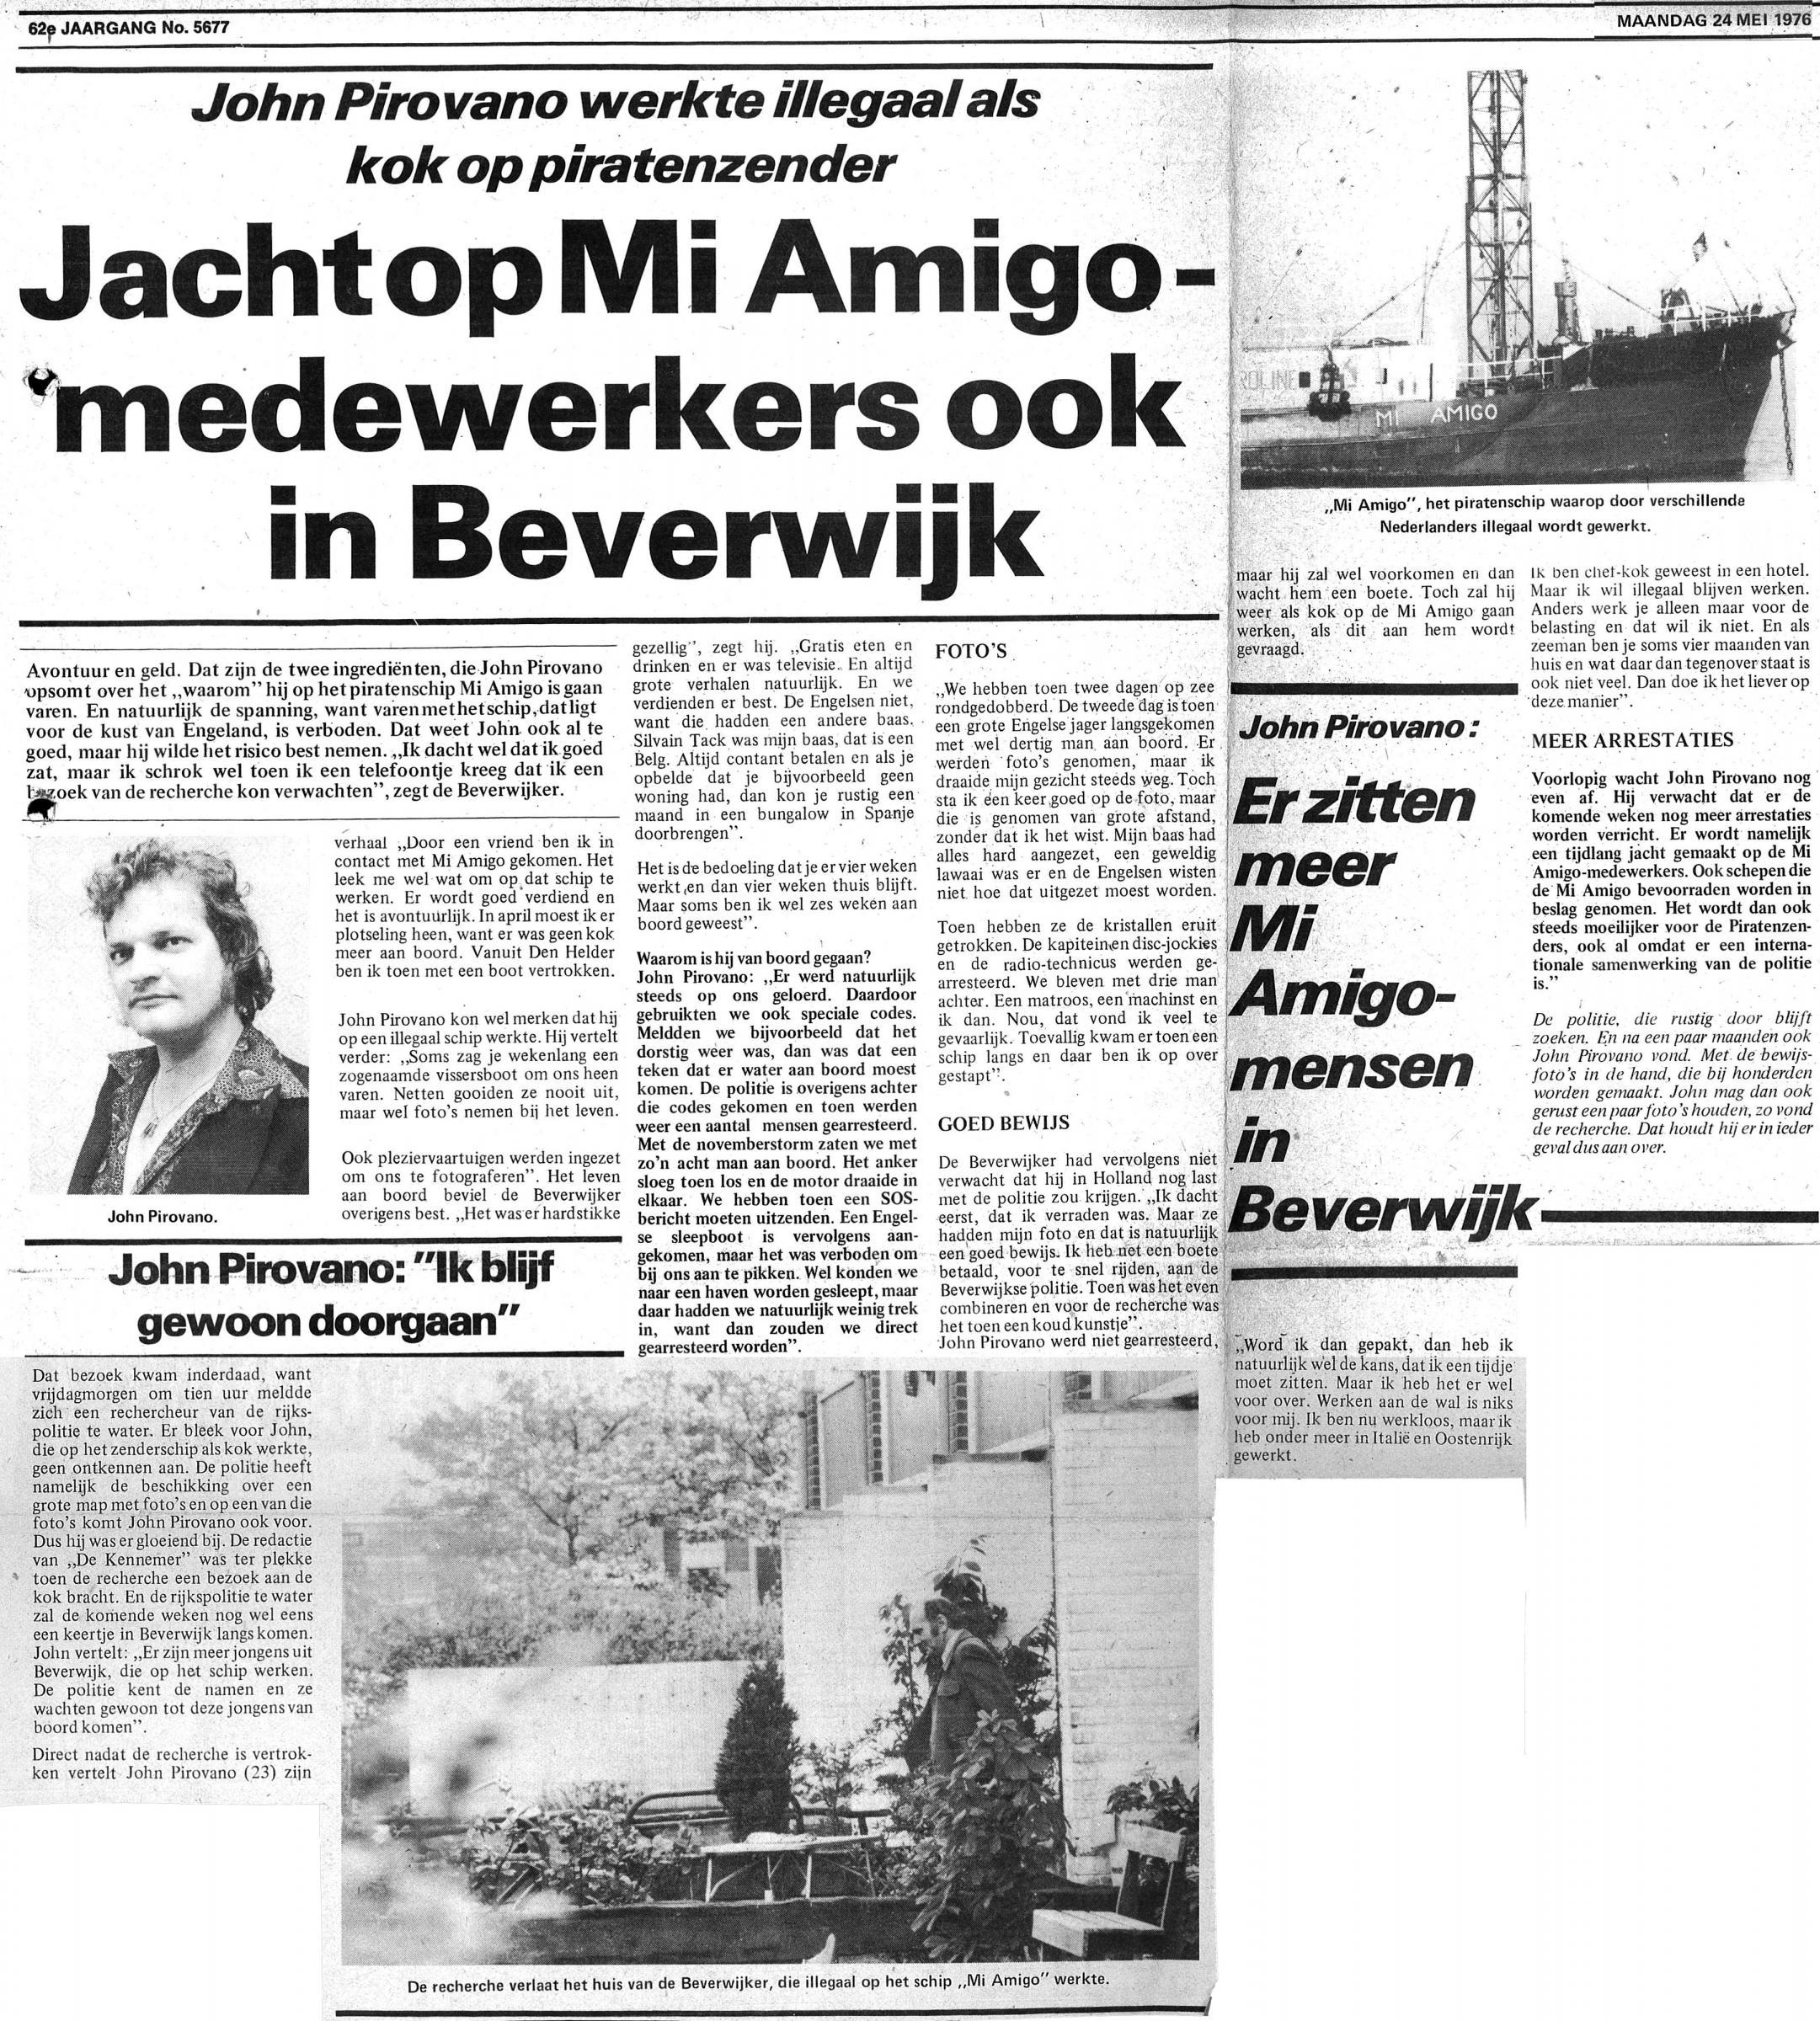 19760524 Kennemer Jacht op Mi Amigomedewerkers ook in Beverwijk.jpg